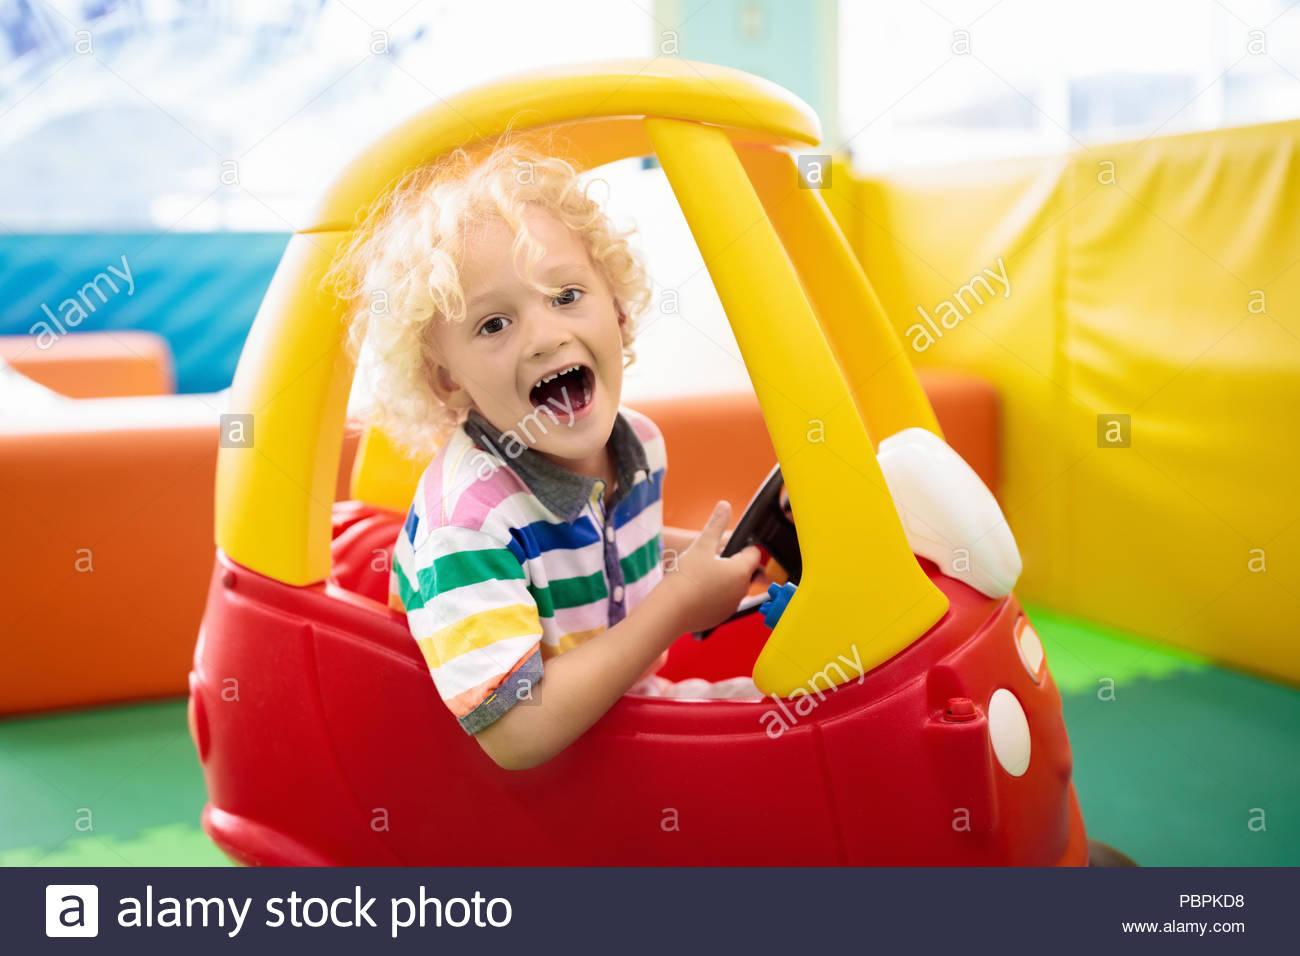 Équitation Enfant Petite Voiture. Petit Garçon Jouant Avec à Jeux De Petite Voiture